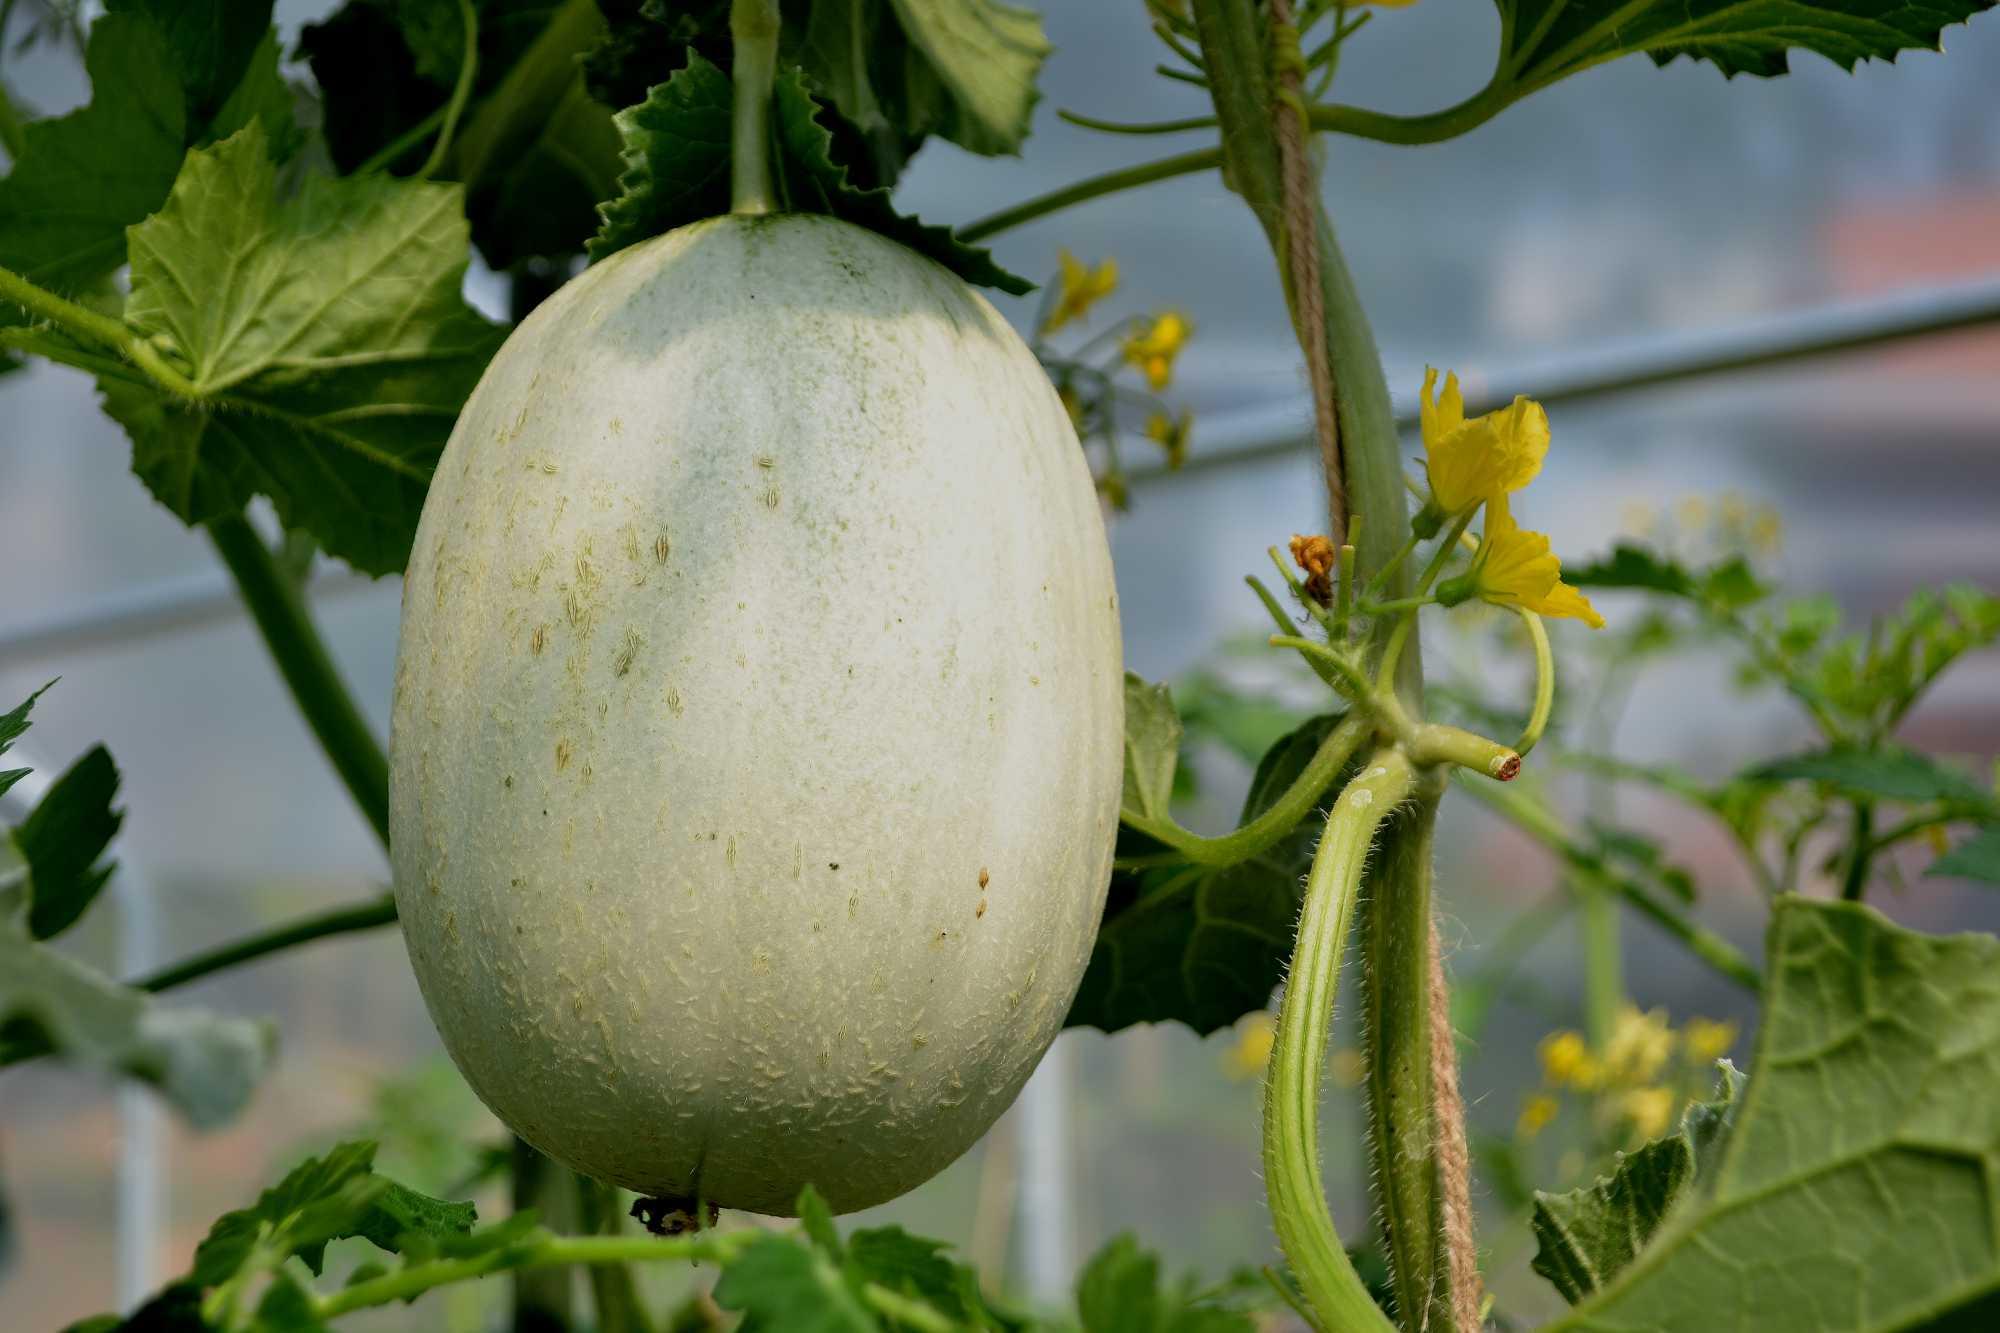 En melon hänger på en planta.